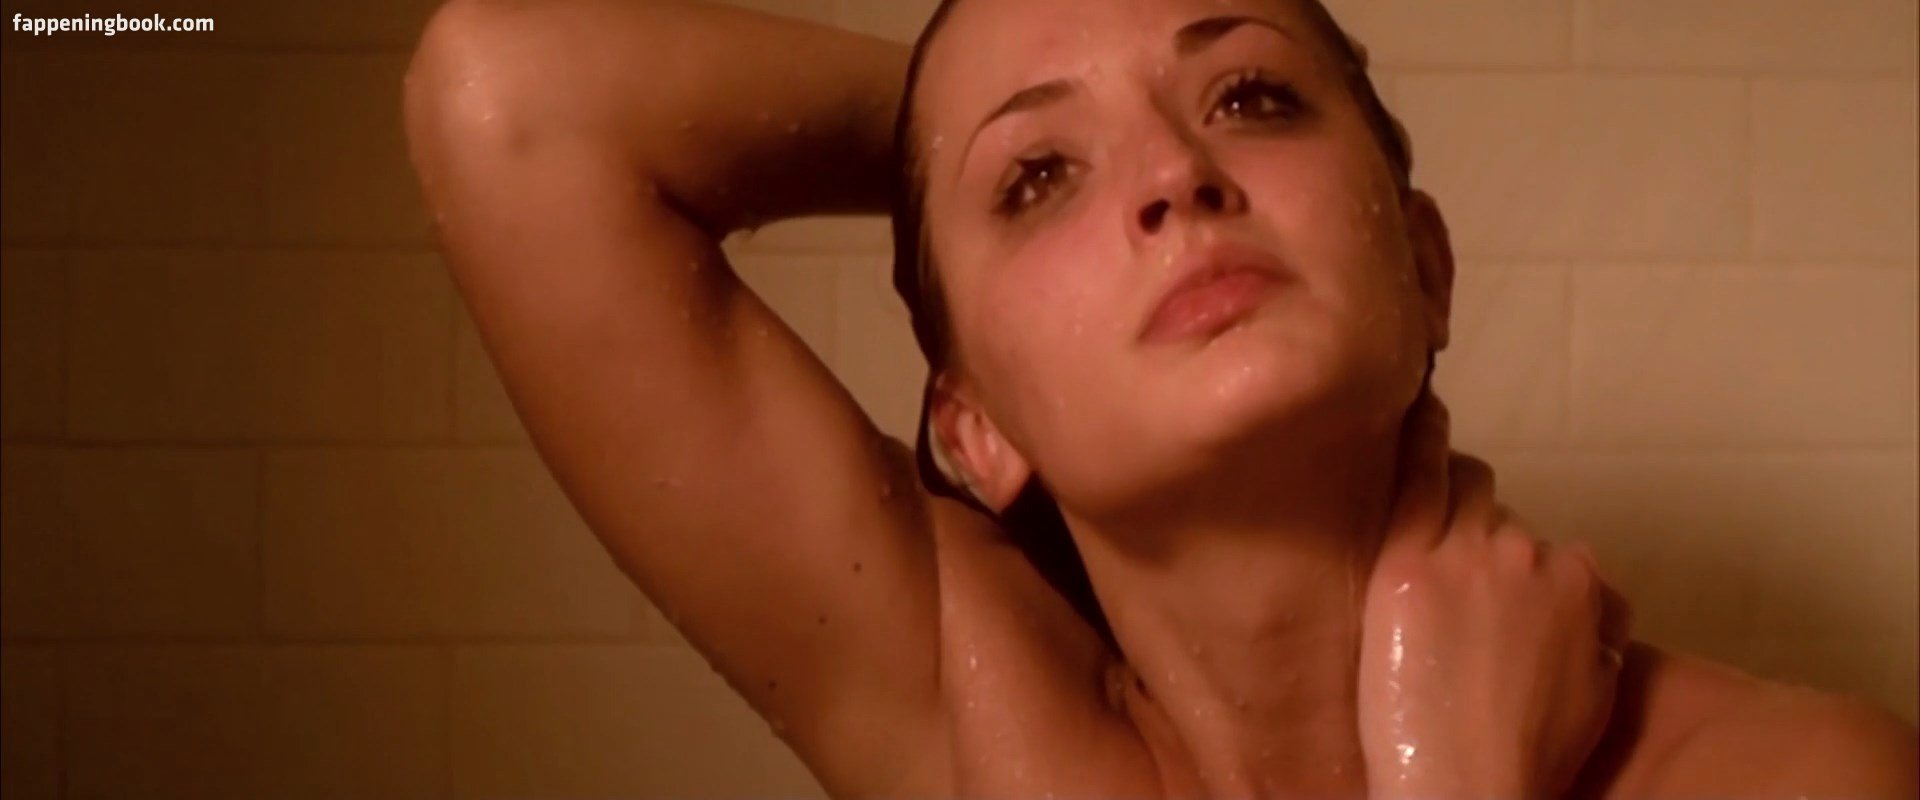 Katie Keene Nude